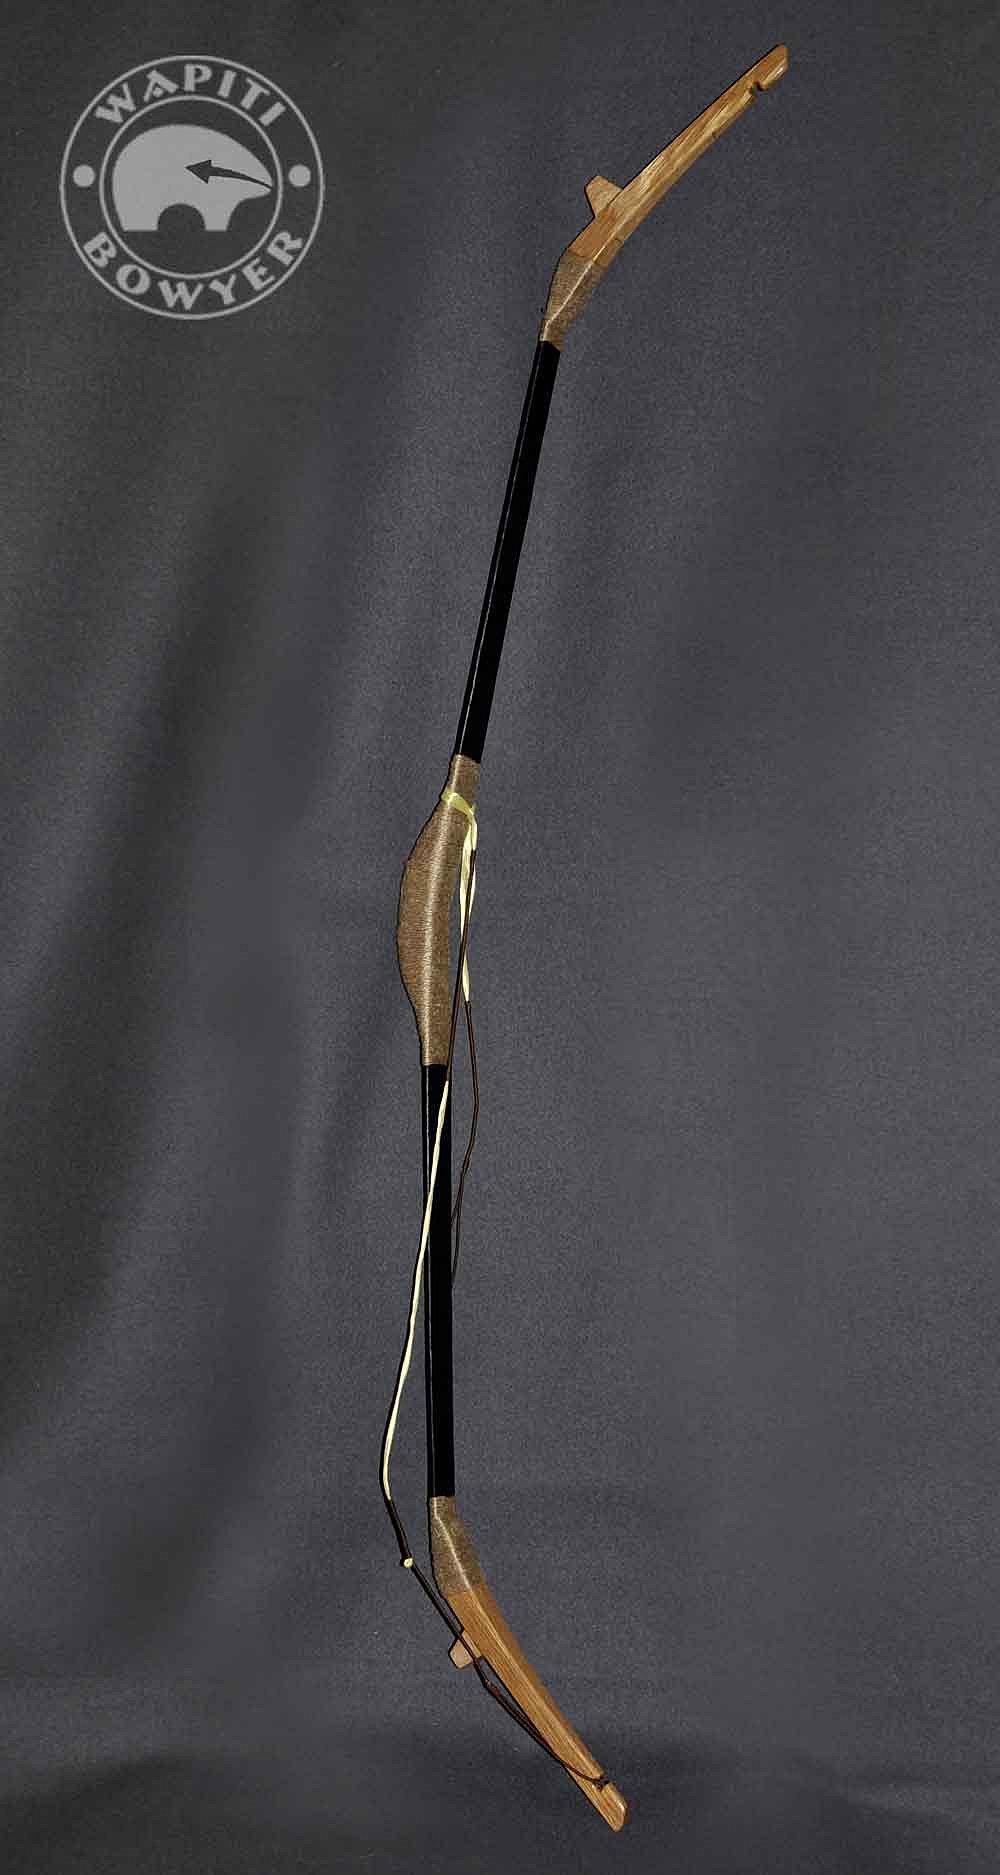 лук для стрельбы исторический башкирский лук